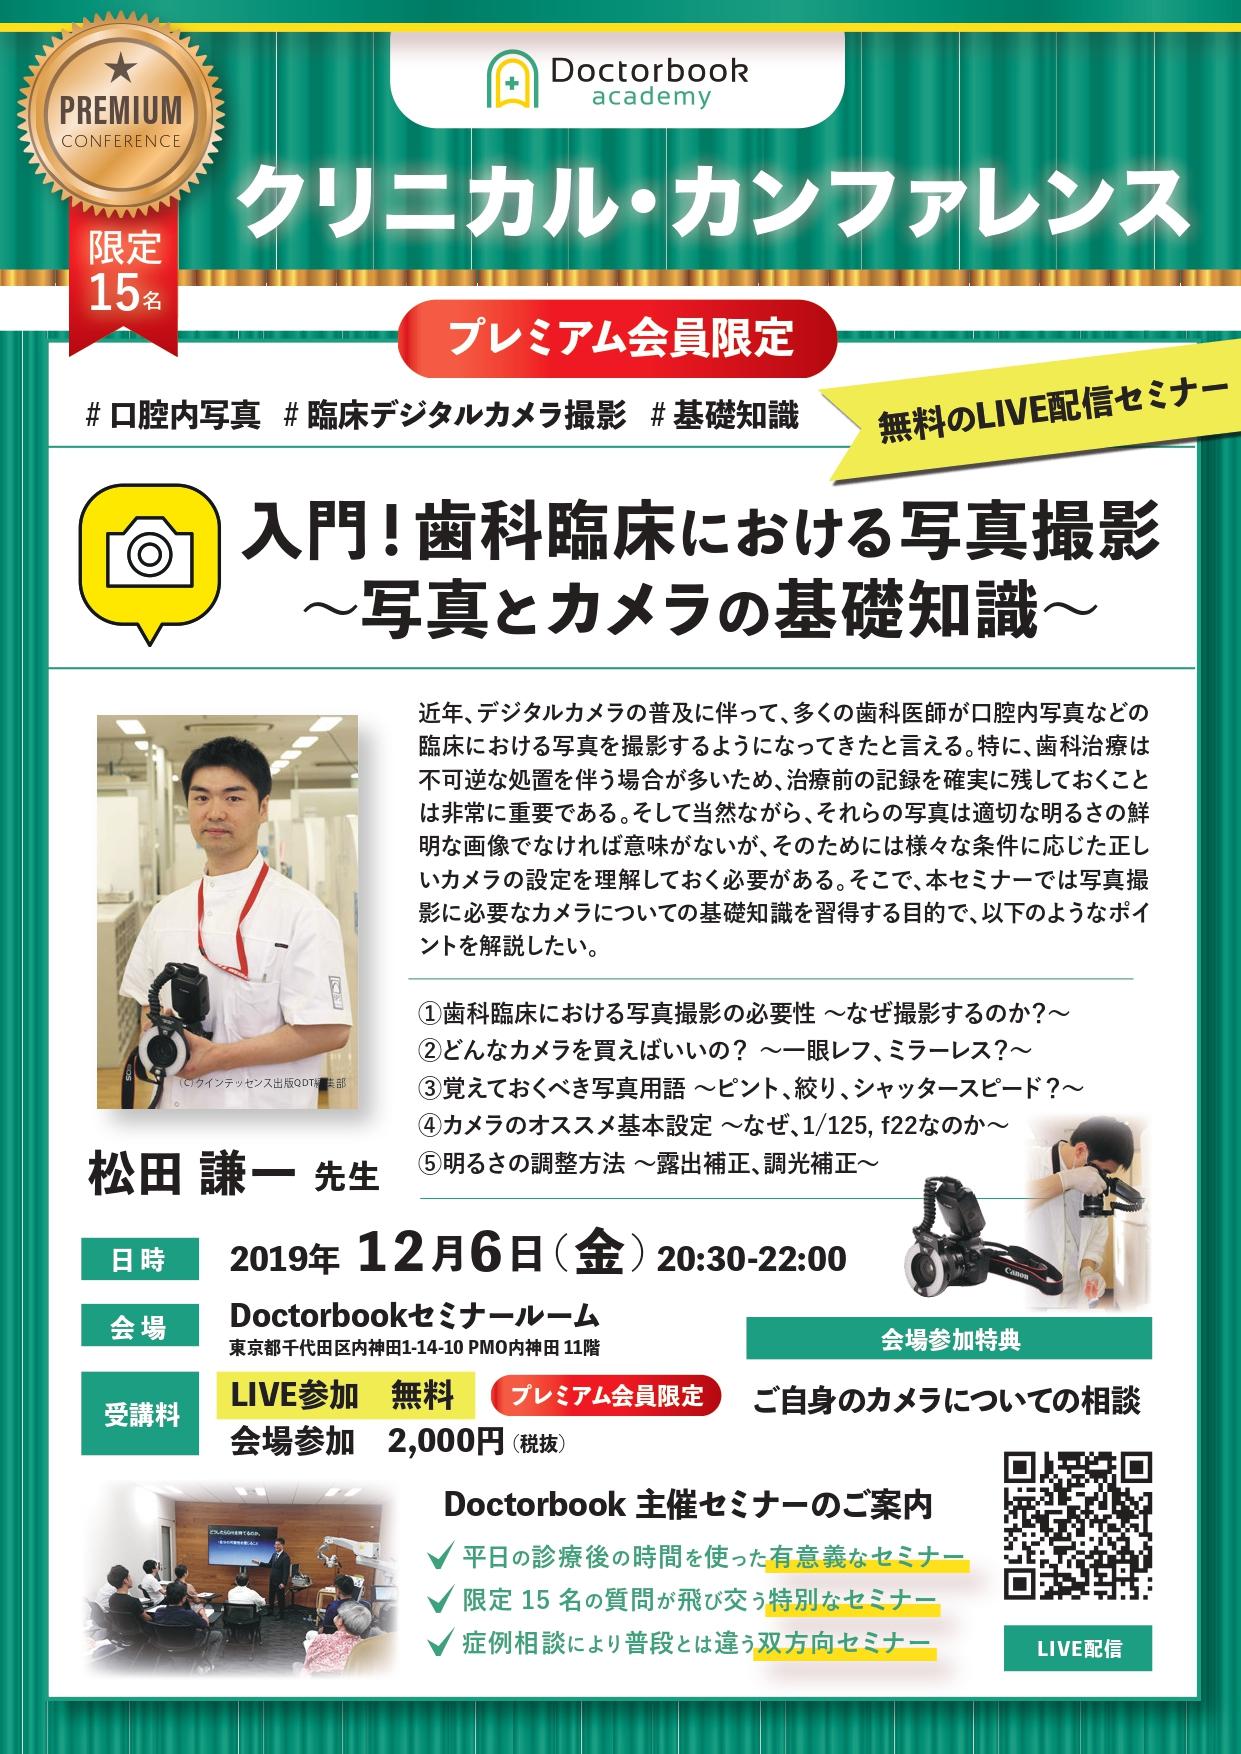 「入門!歯科臨床における写真撮影 〜写真とカメラの基礎知識〜」松田謙一先生クリニカル・カンファレンス